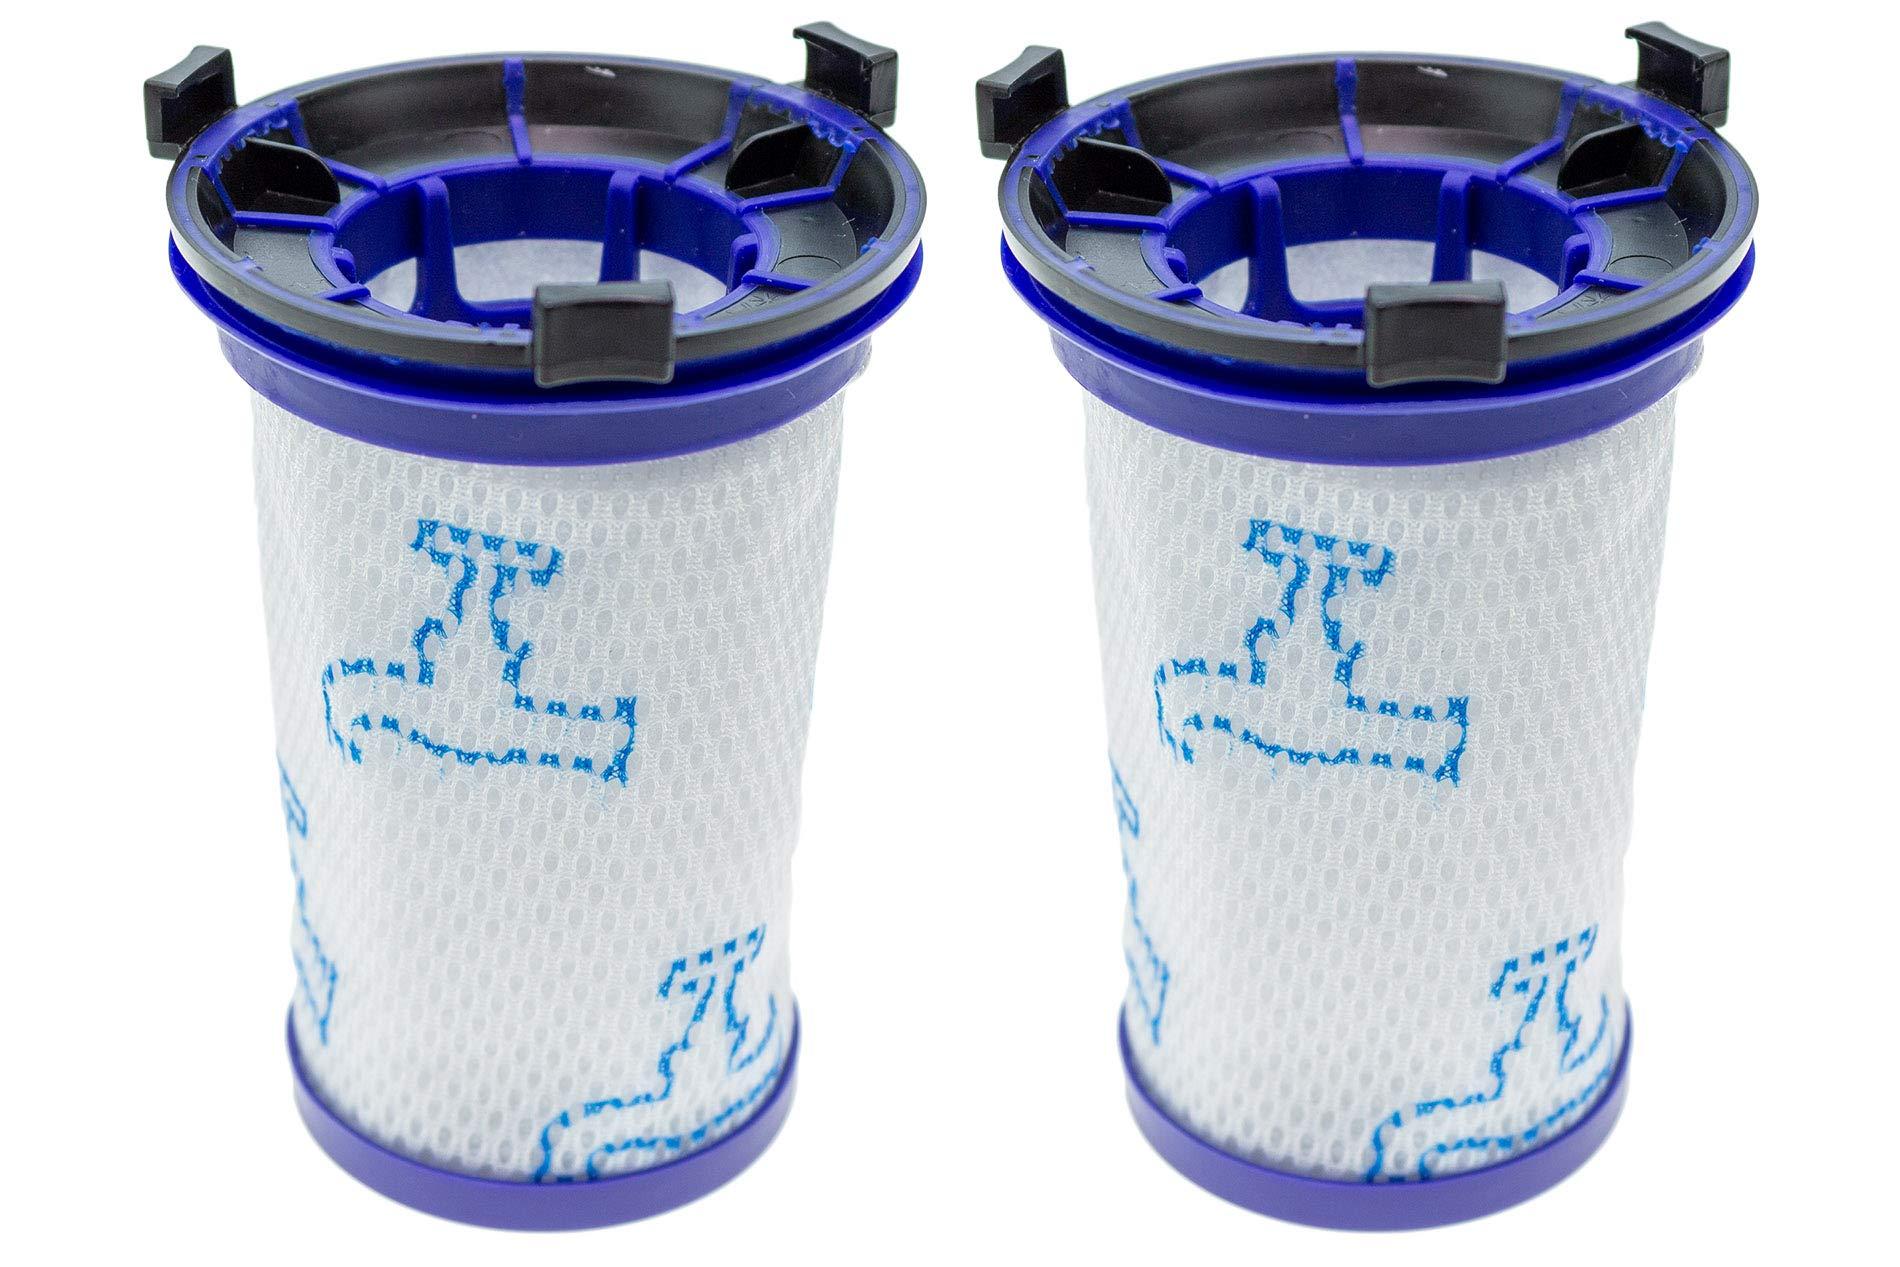 2 filtros para aspiradora Rowenta Air Force 360 RH9037, RH9038, RH9039, RH9051WO, RH9057WO, RH9086WO (equivalente a ZR009001). 15416: Amazon.es: Hogar